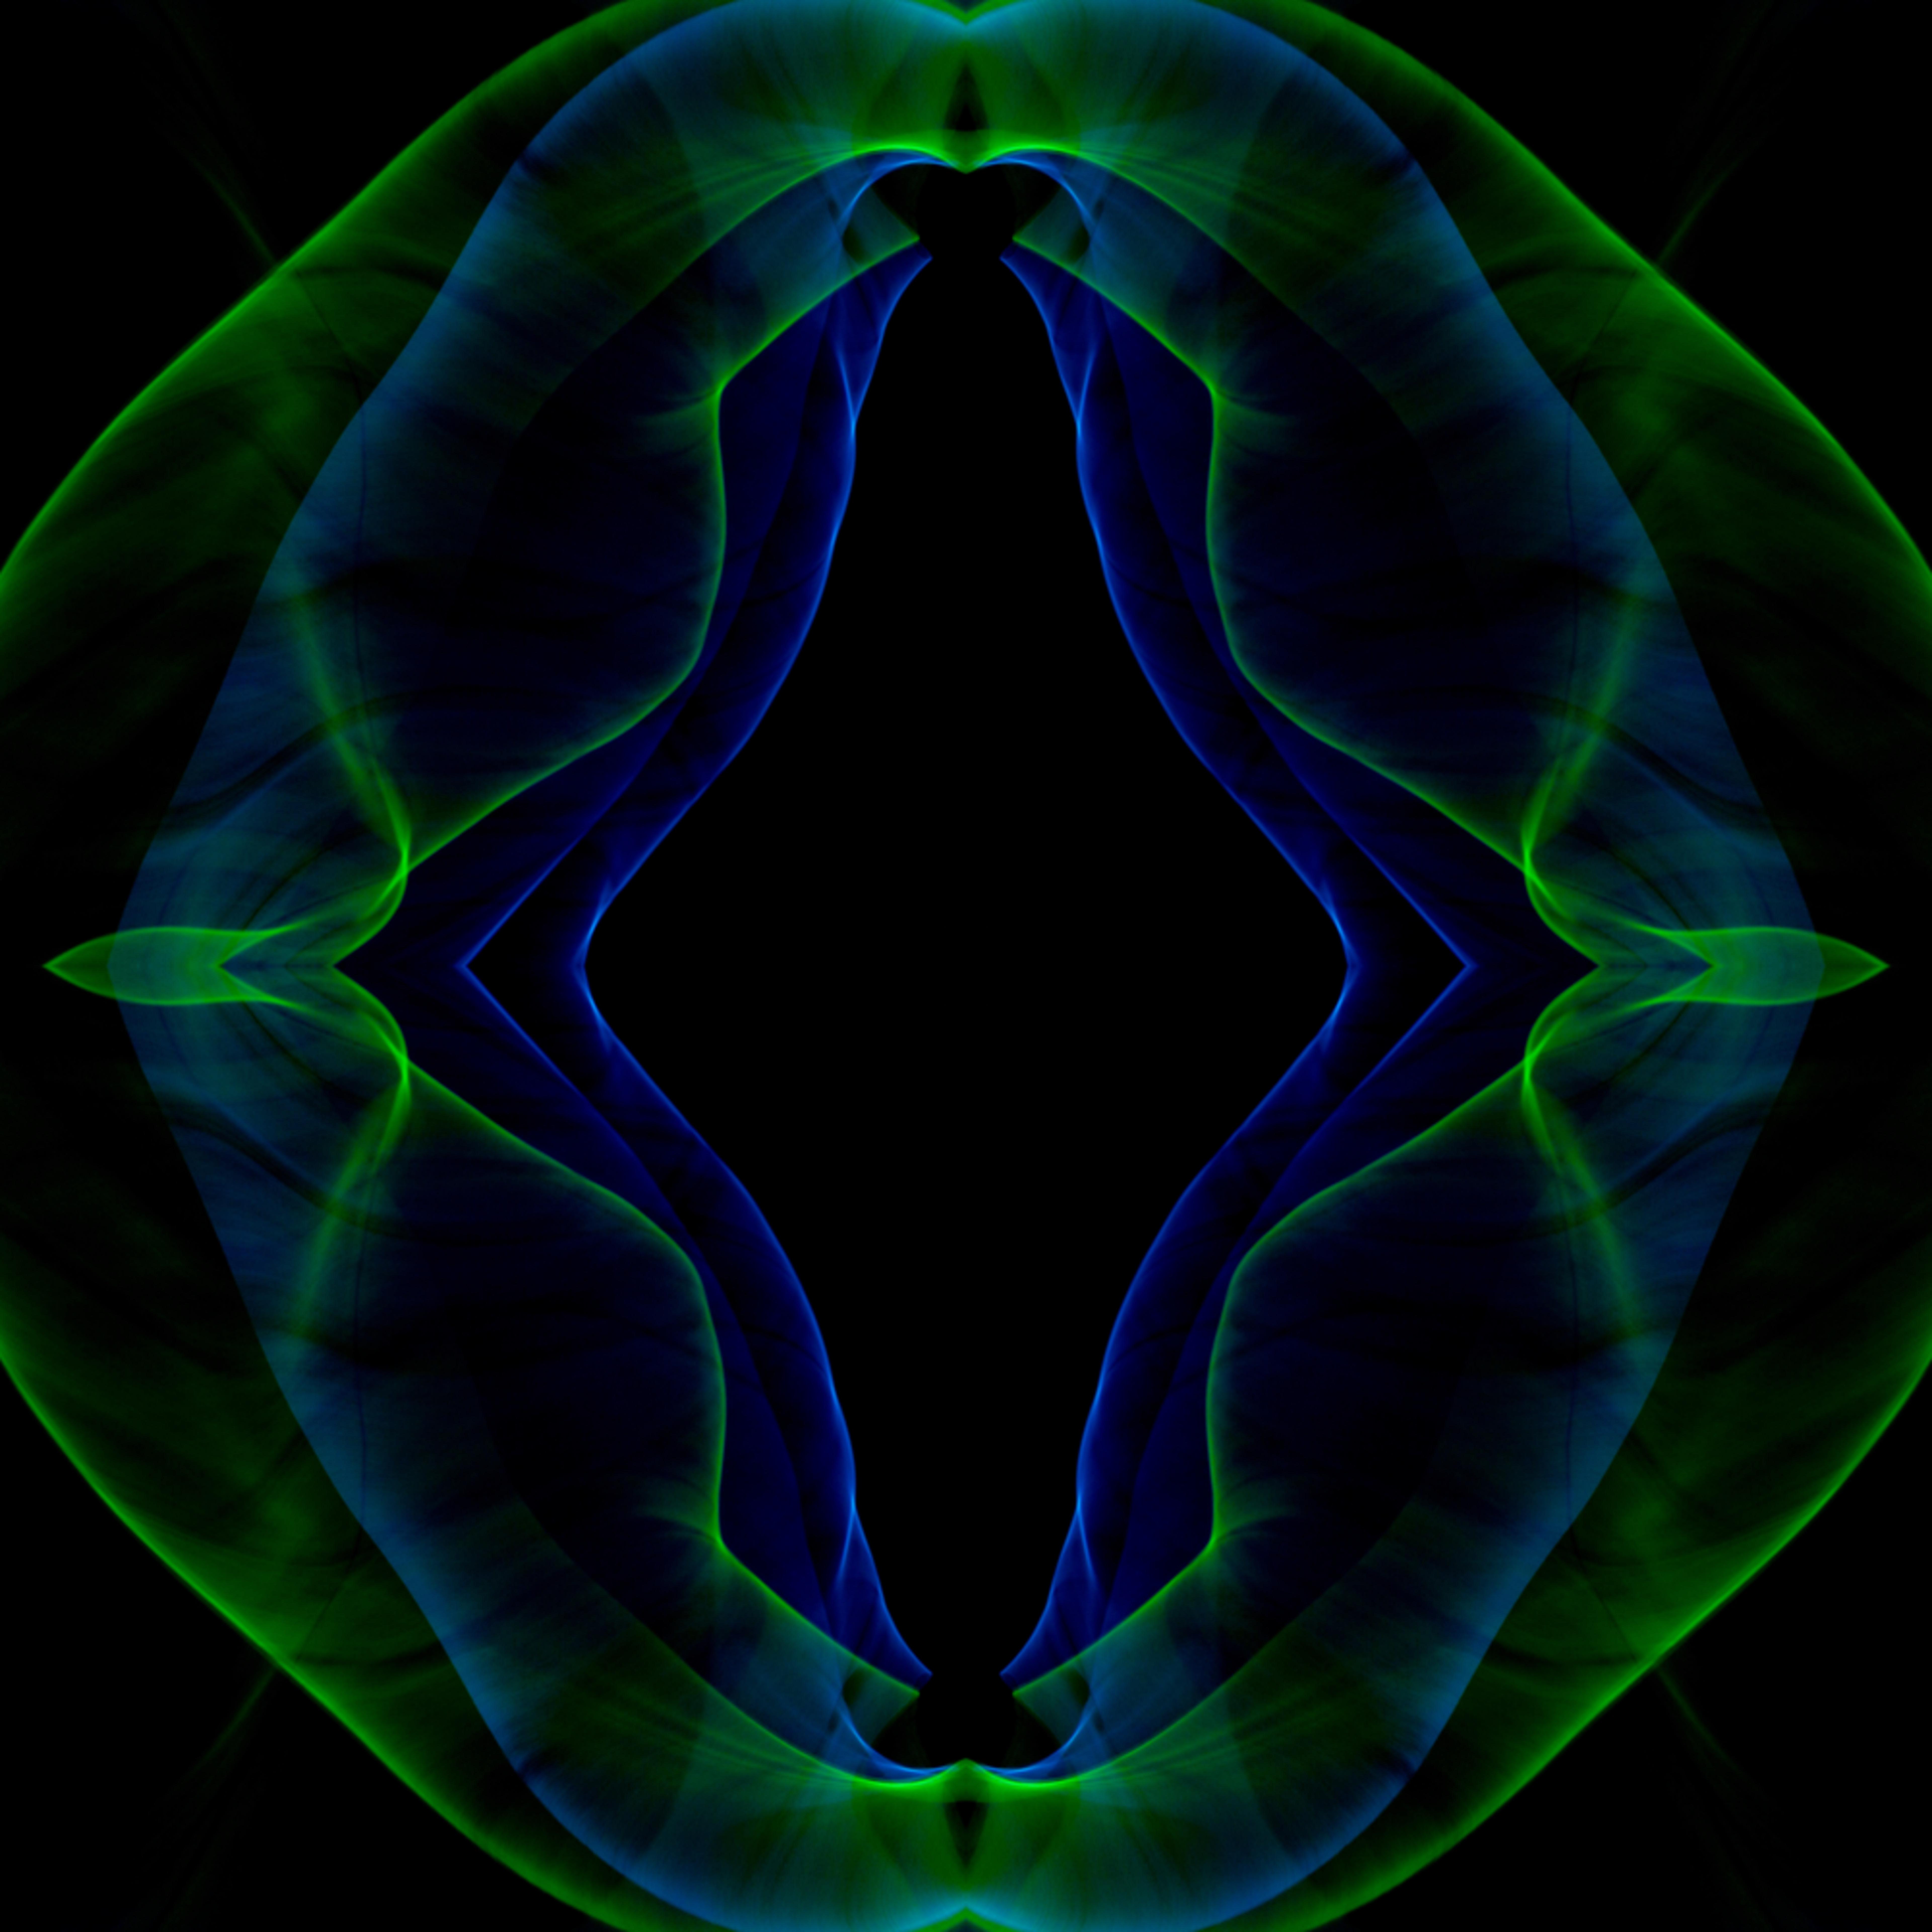 Light motion seres 3 v1 c gjwppa